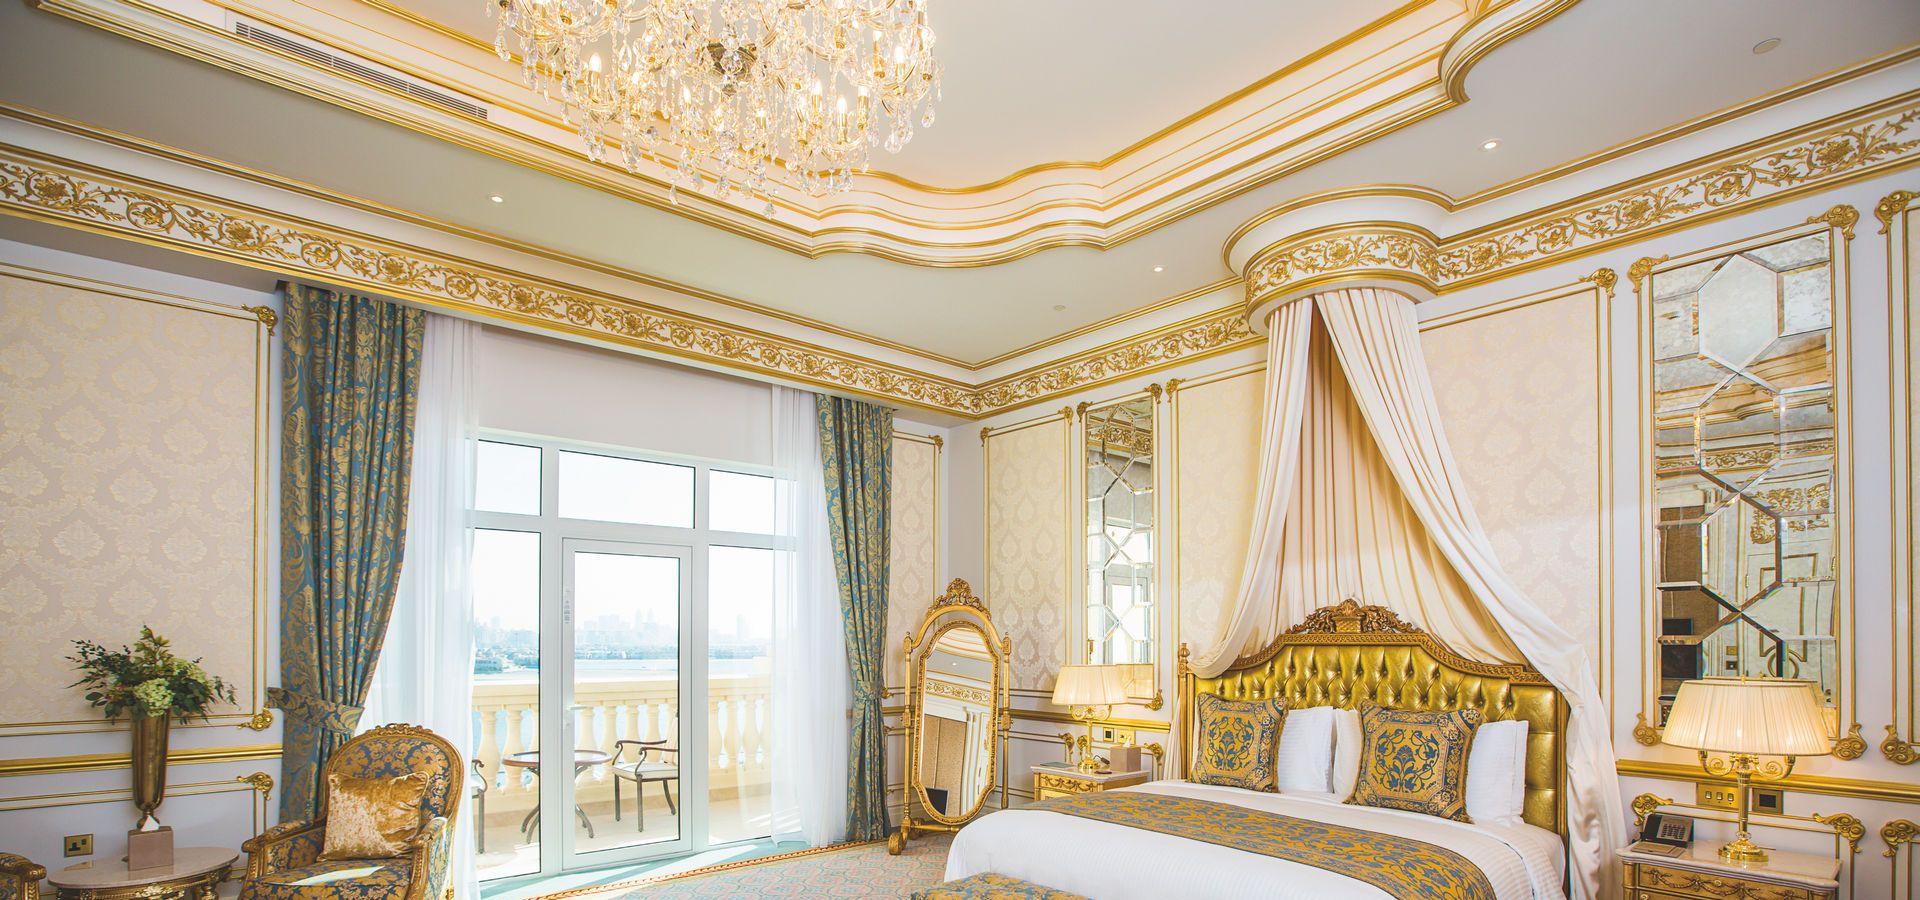 هتل امرالد پالاس کمپینسکی دبی